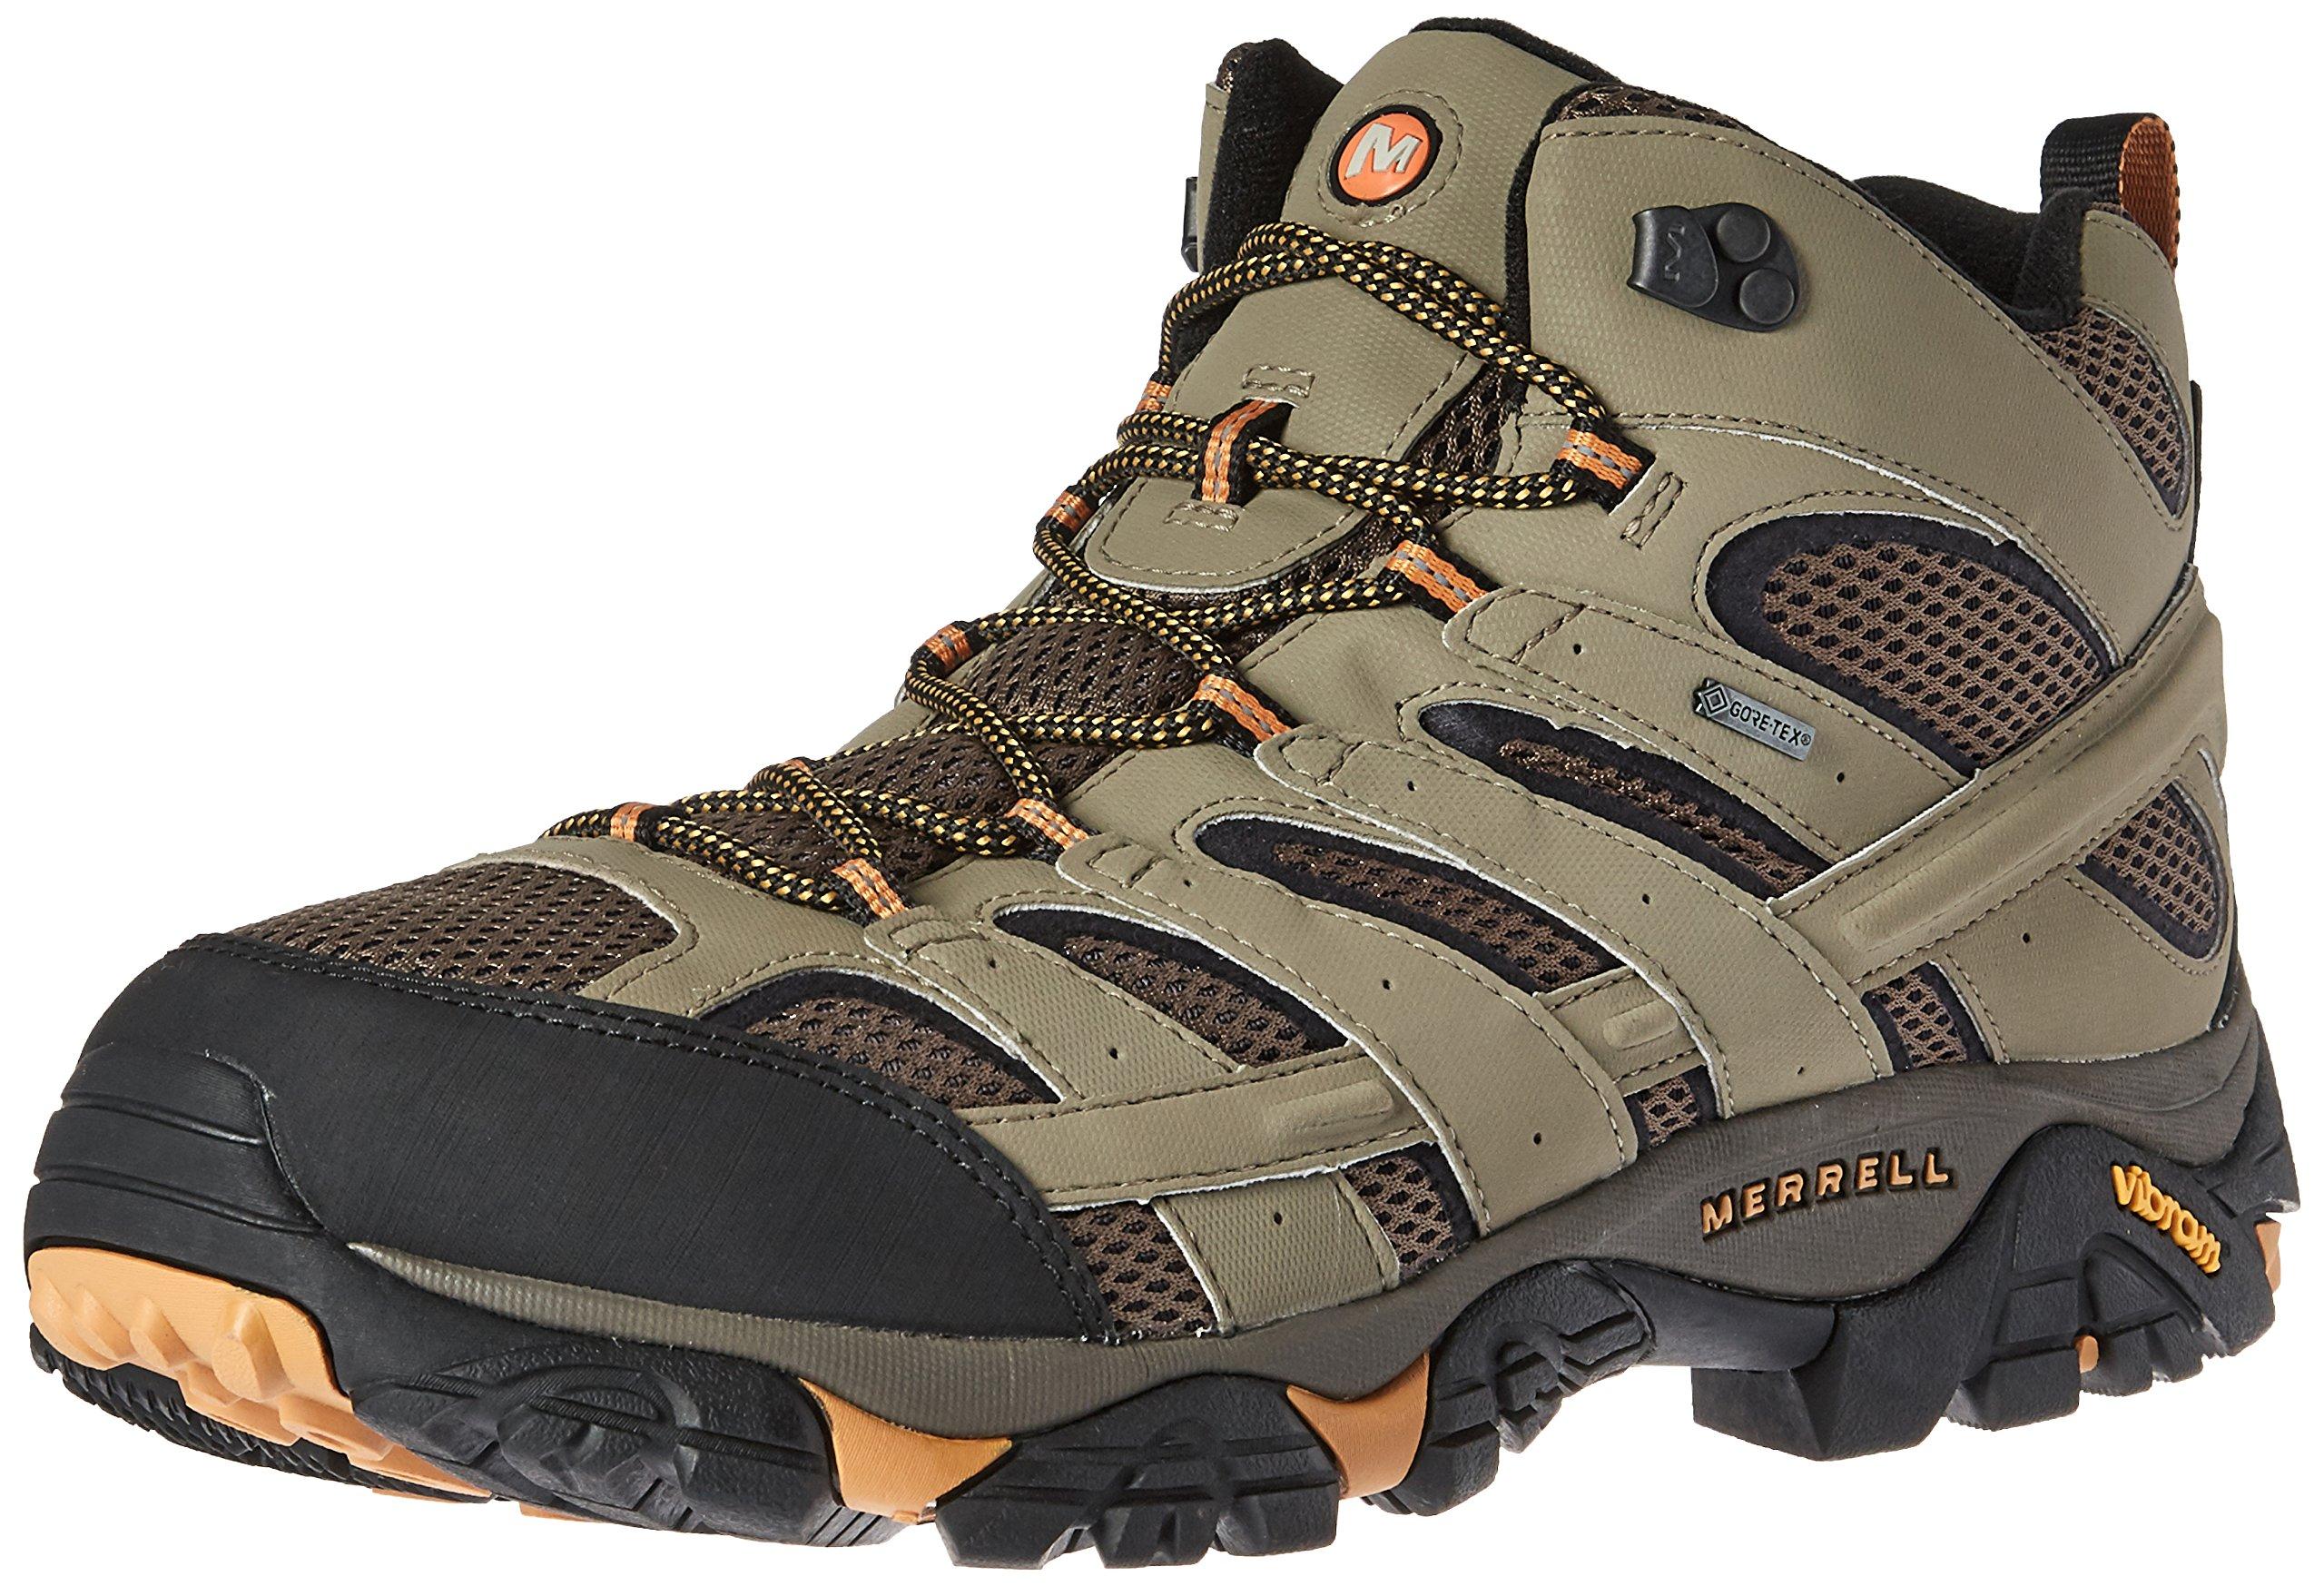 Merrell Men's Moab 2 Mid Gtx Hiking Boot, Walnut, 9.5 W US